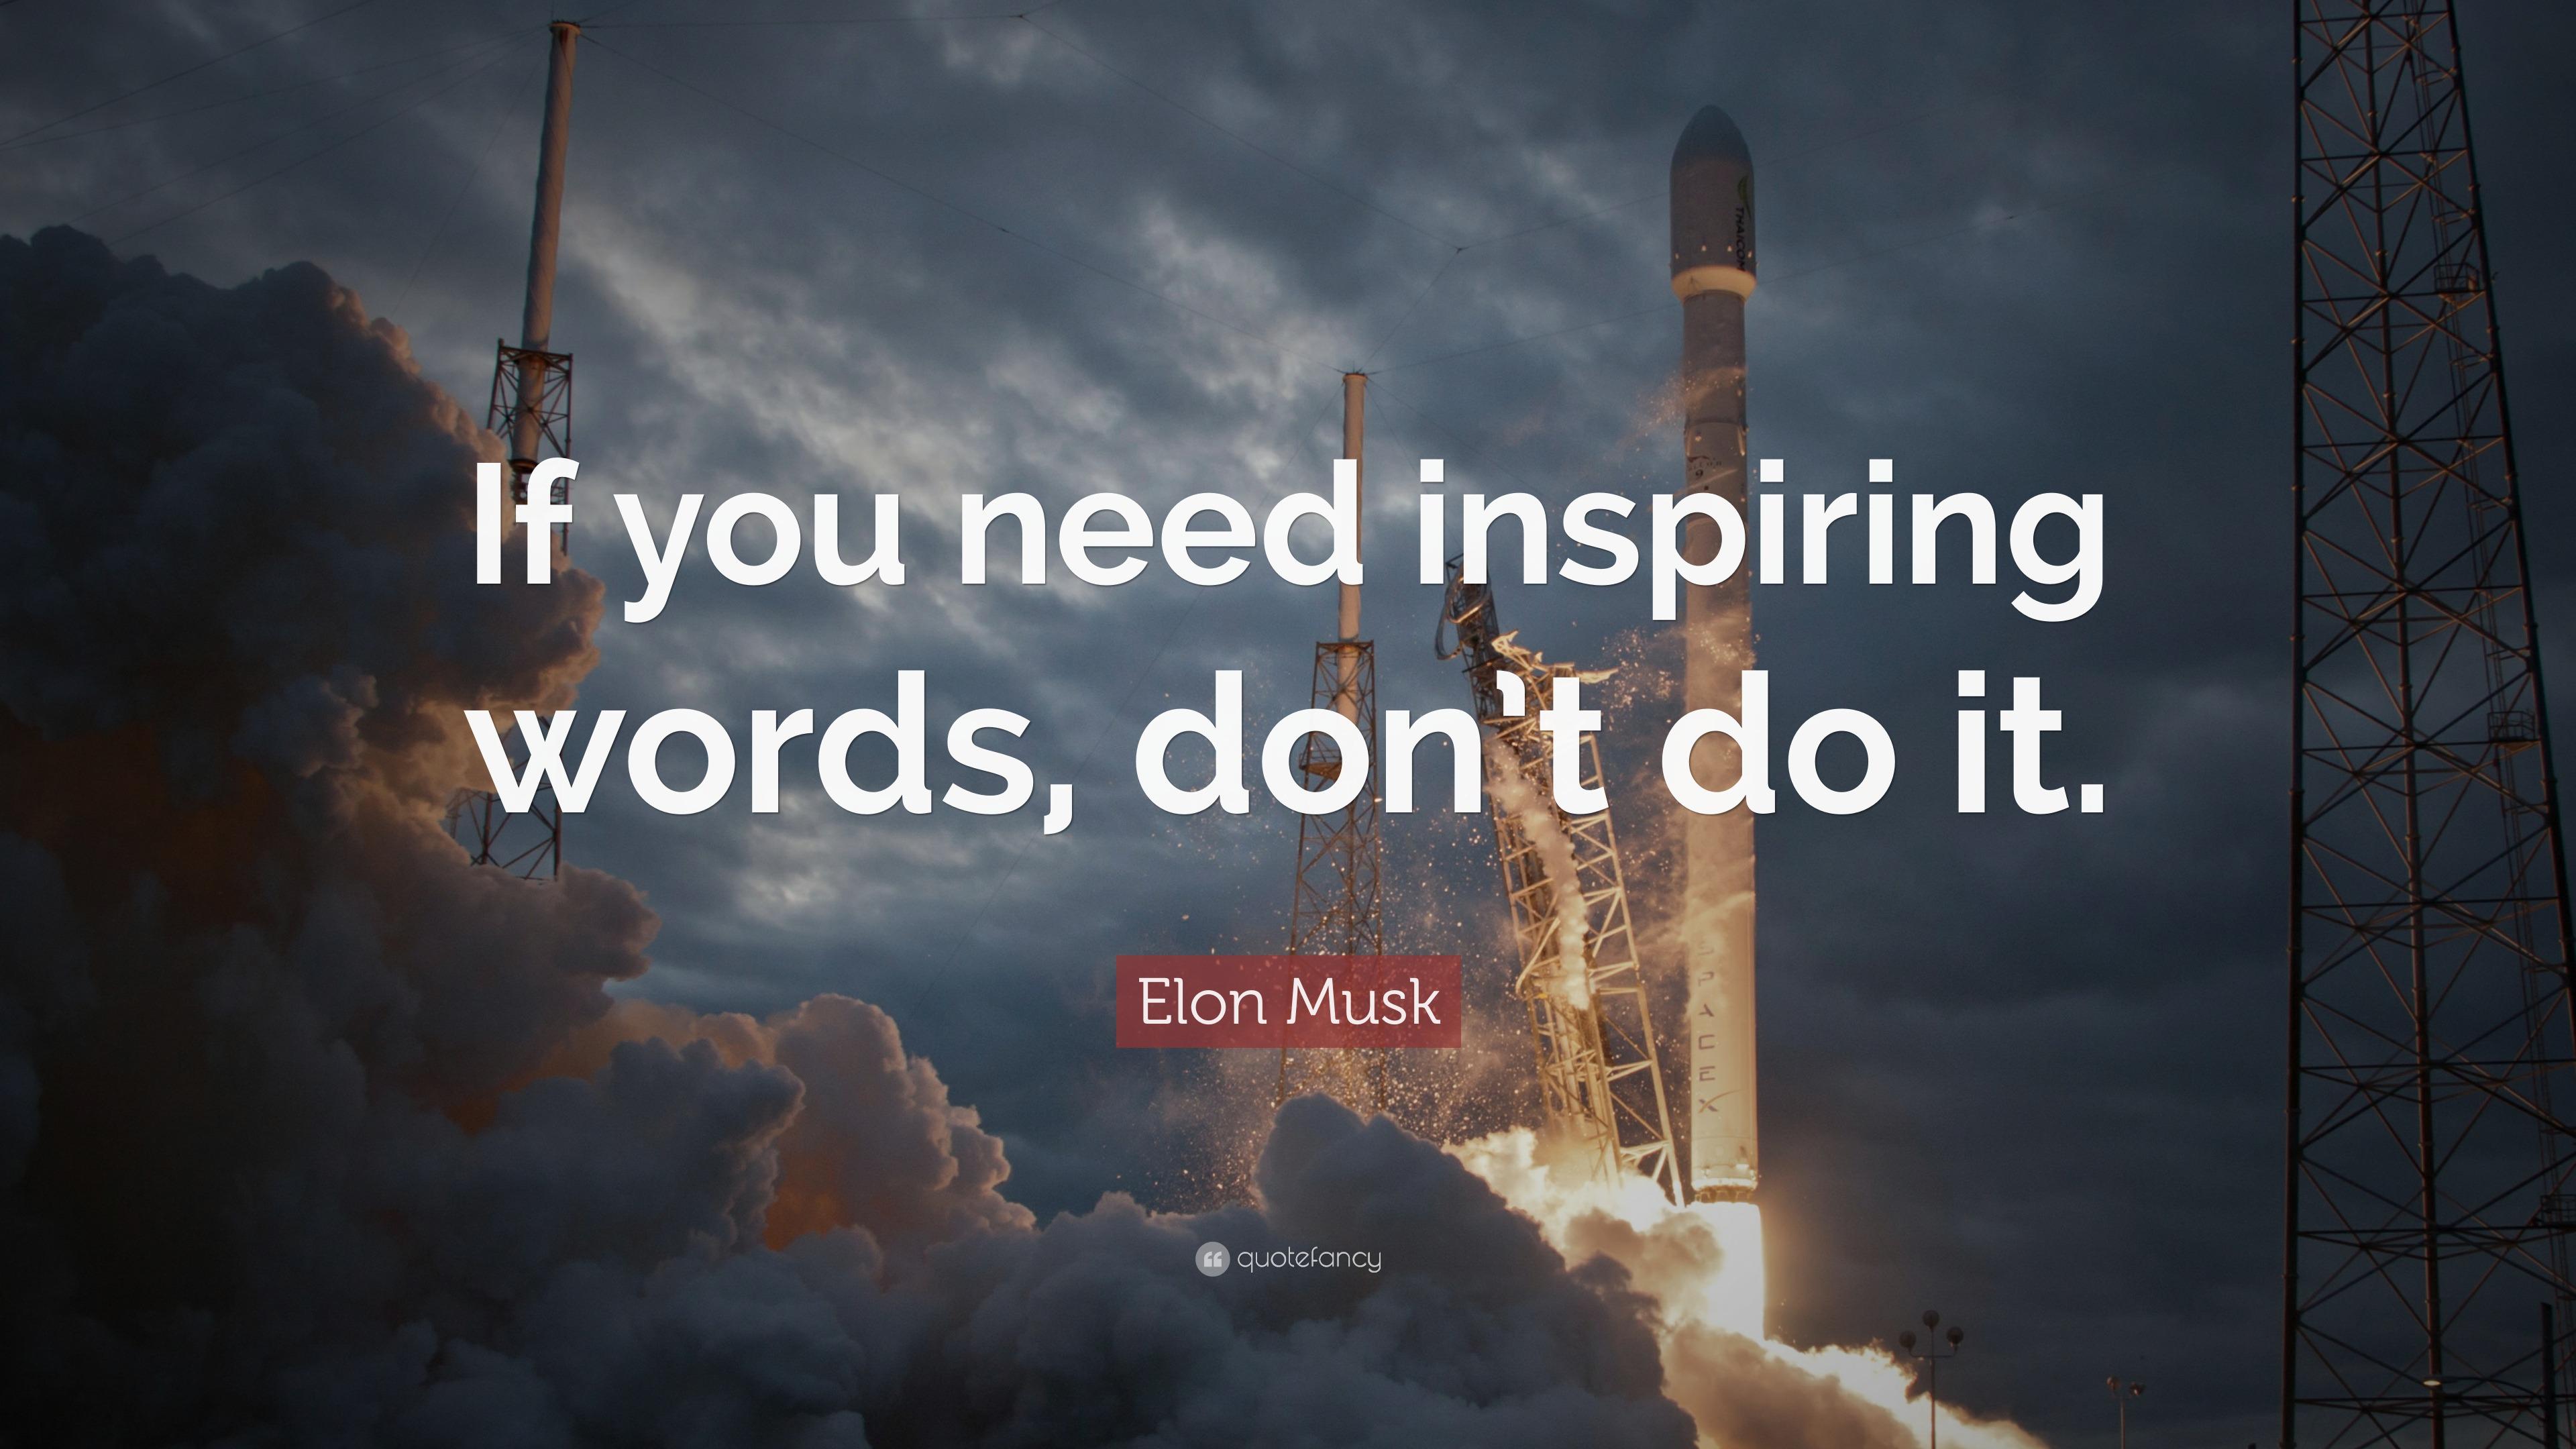 Elon Musk Quotes 100 Wallpapers Quotefancy